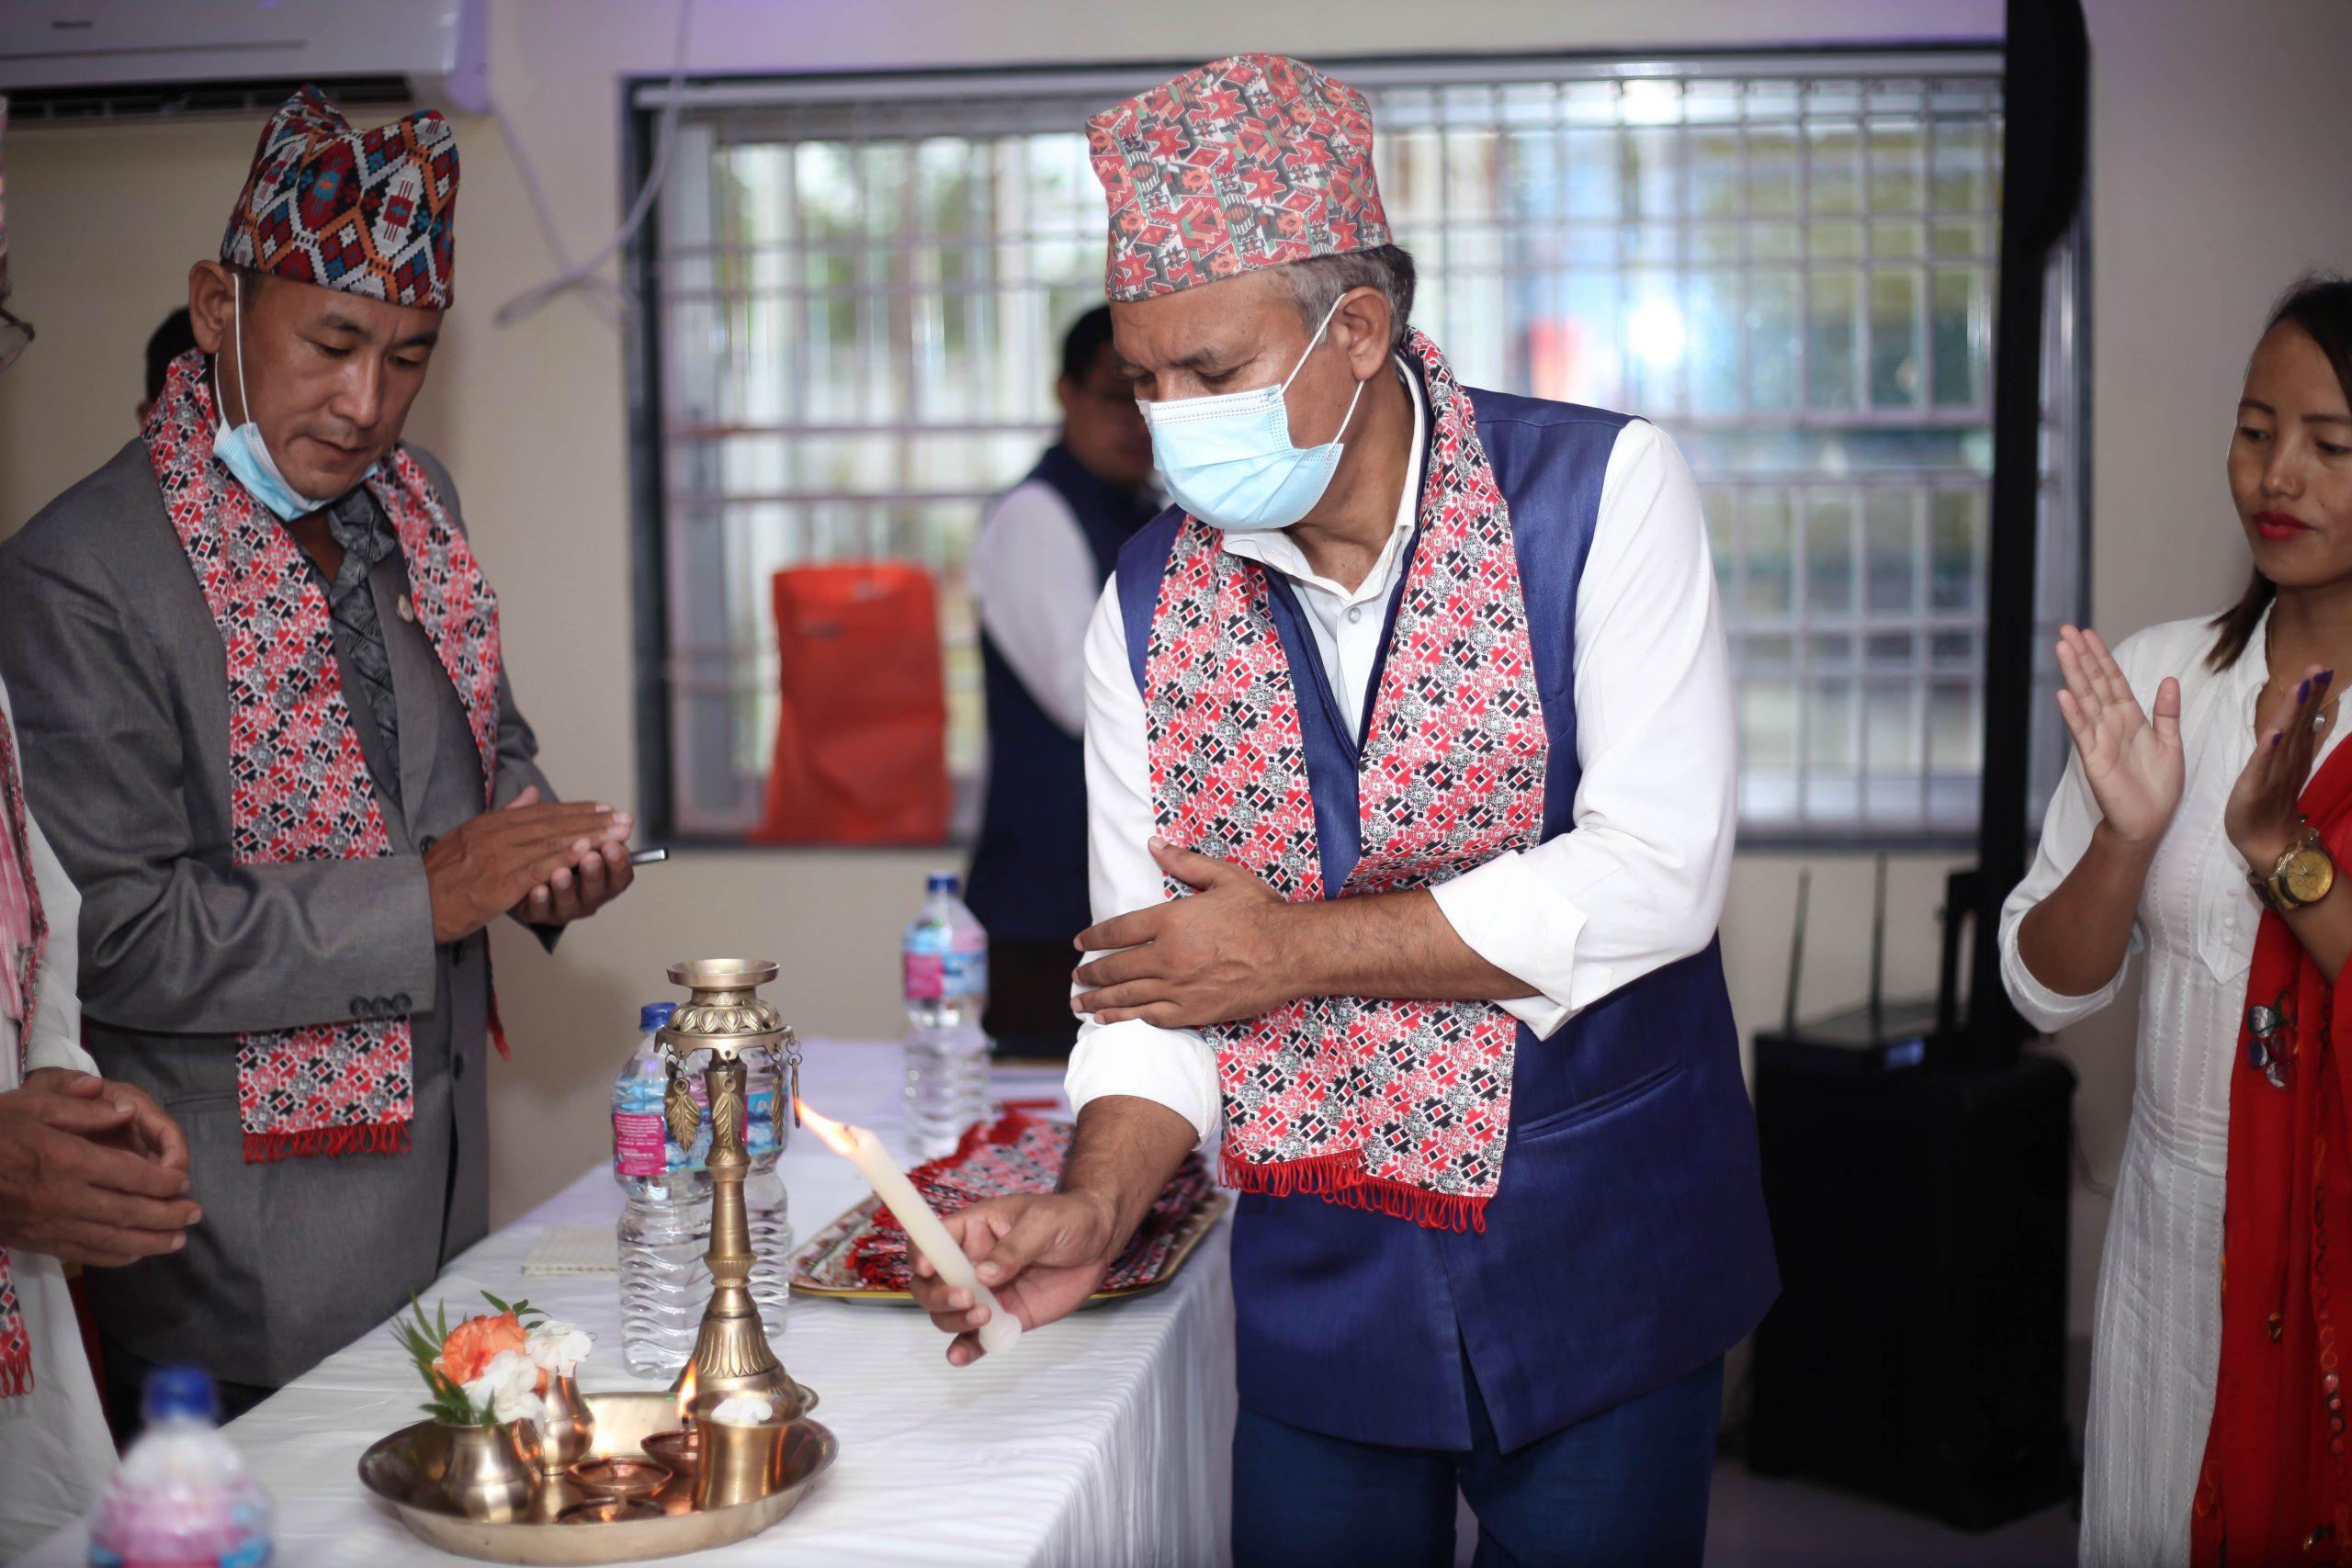 फाल्गुनन्द साकोसको सपथ ग्रहण र बधाई शुभकामना कार्यक्रम